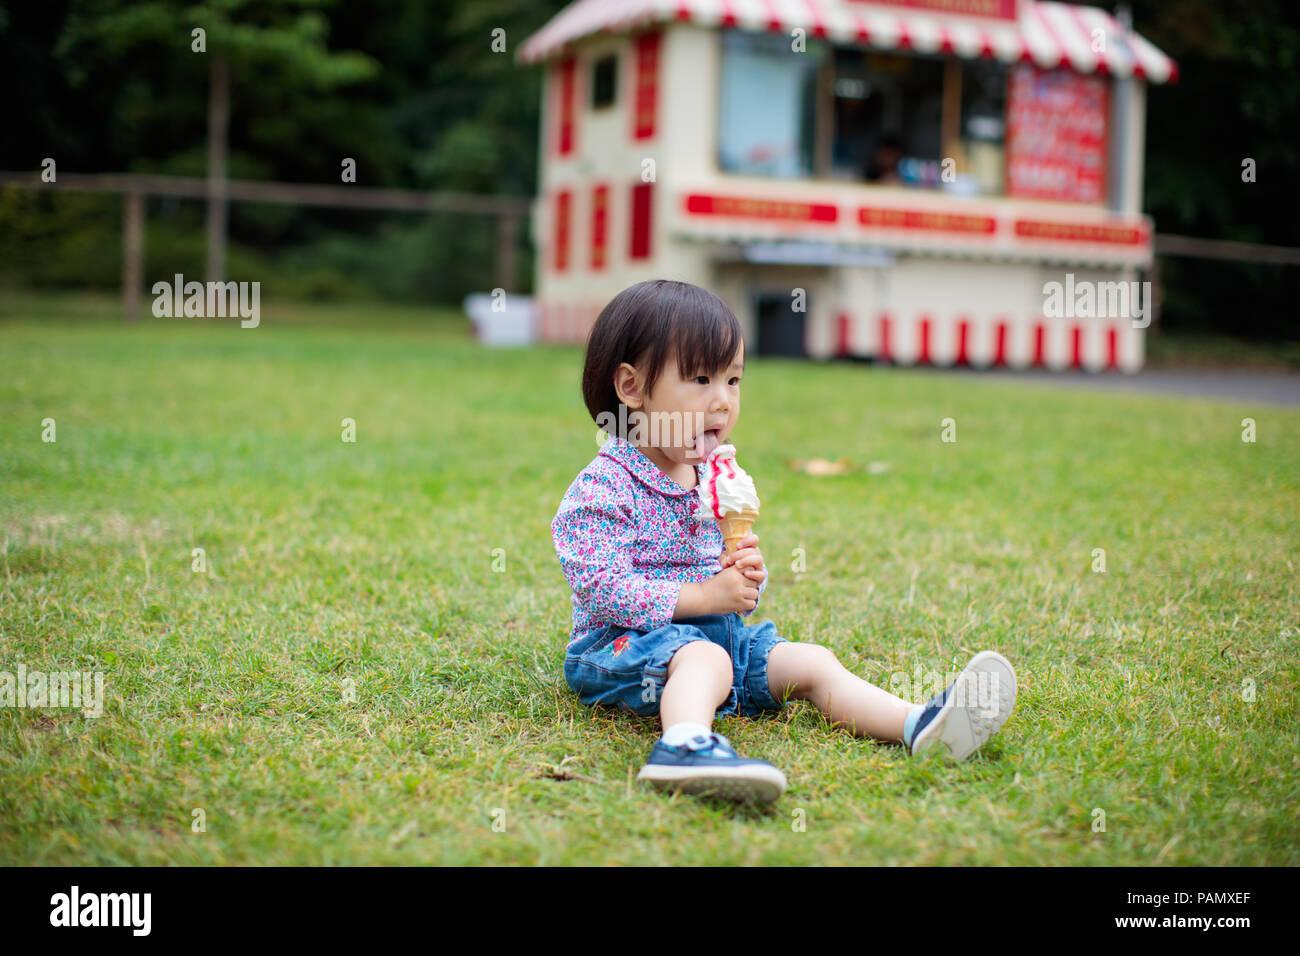 Niña sentada en verano y comer helado de prado Imagen De Stock